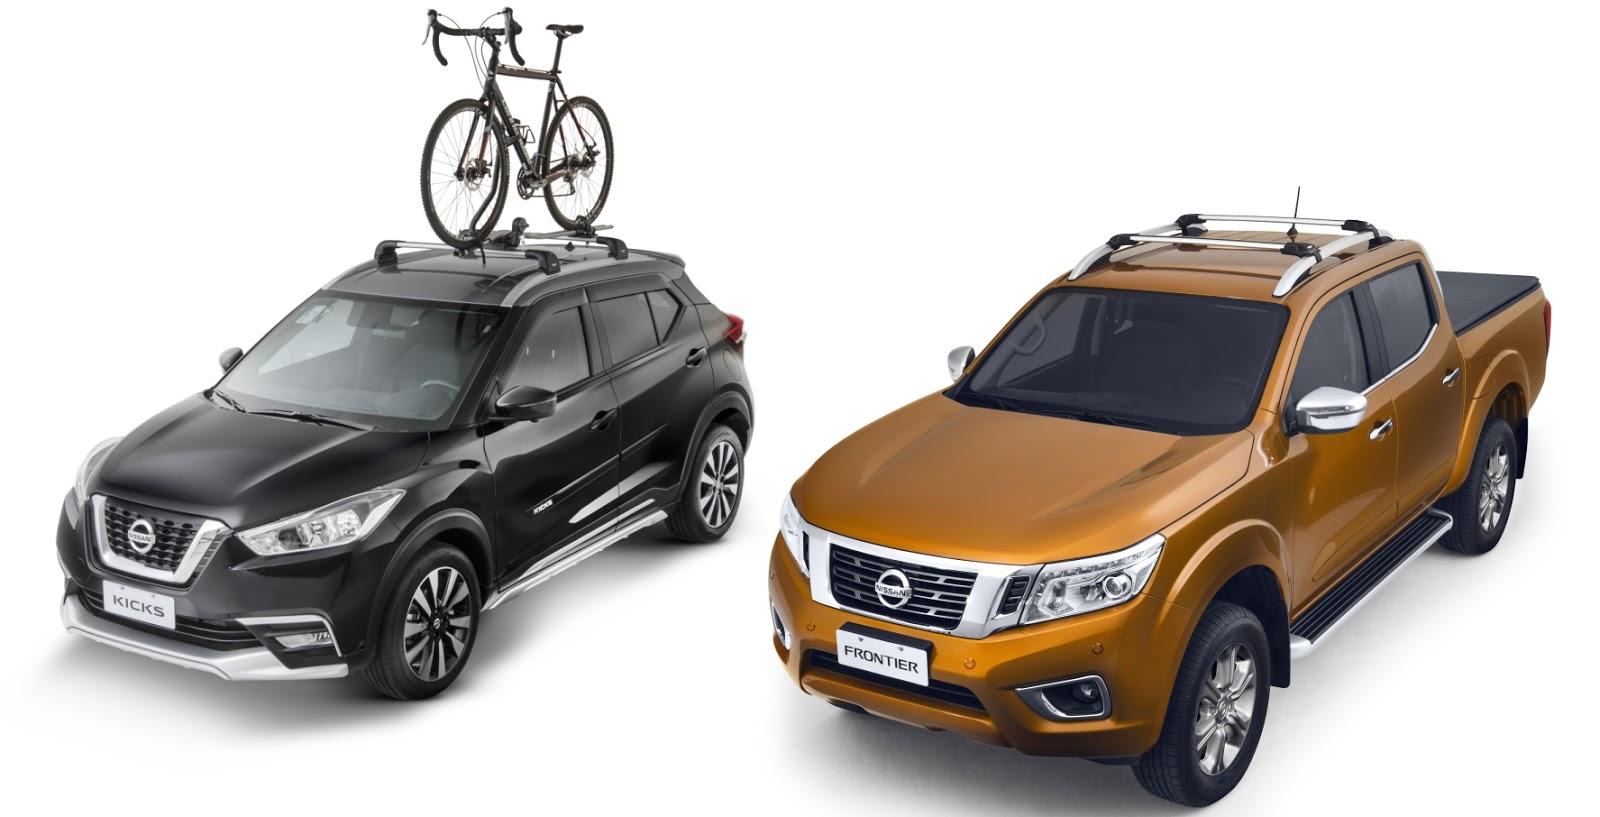 Nissan Kicks e Frontier trazem novos acessórios: rack de teto, bagageiro e suporte de bike